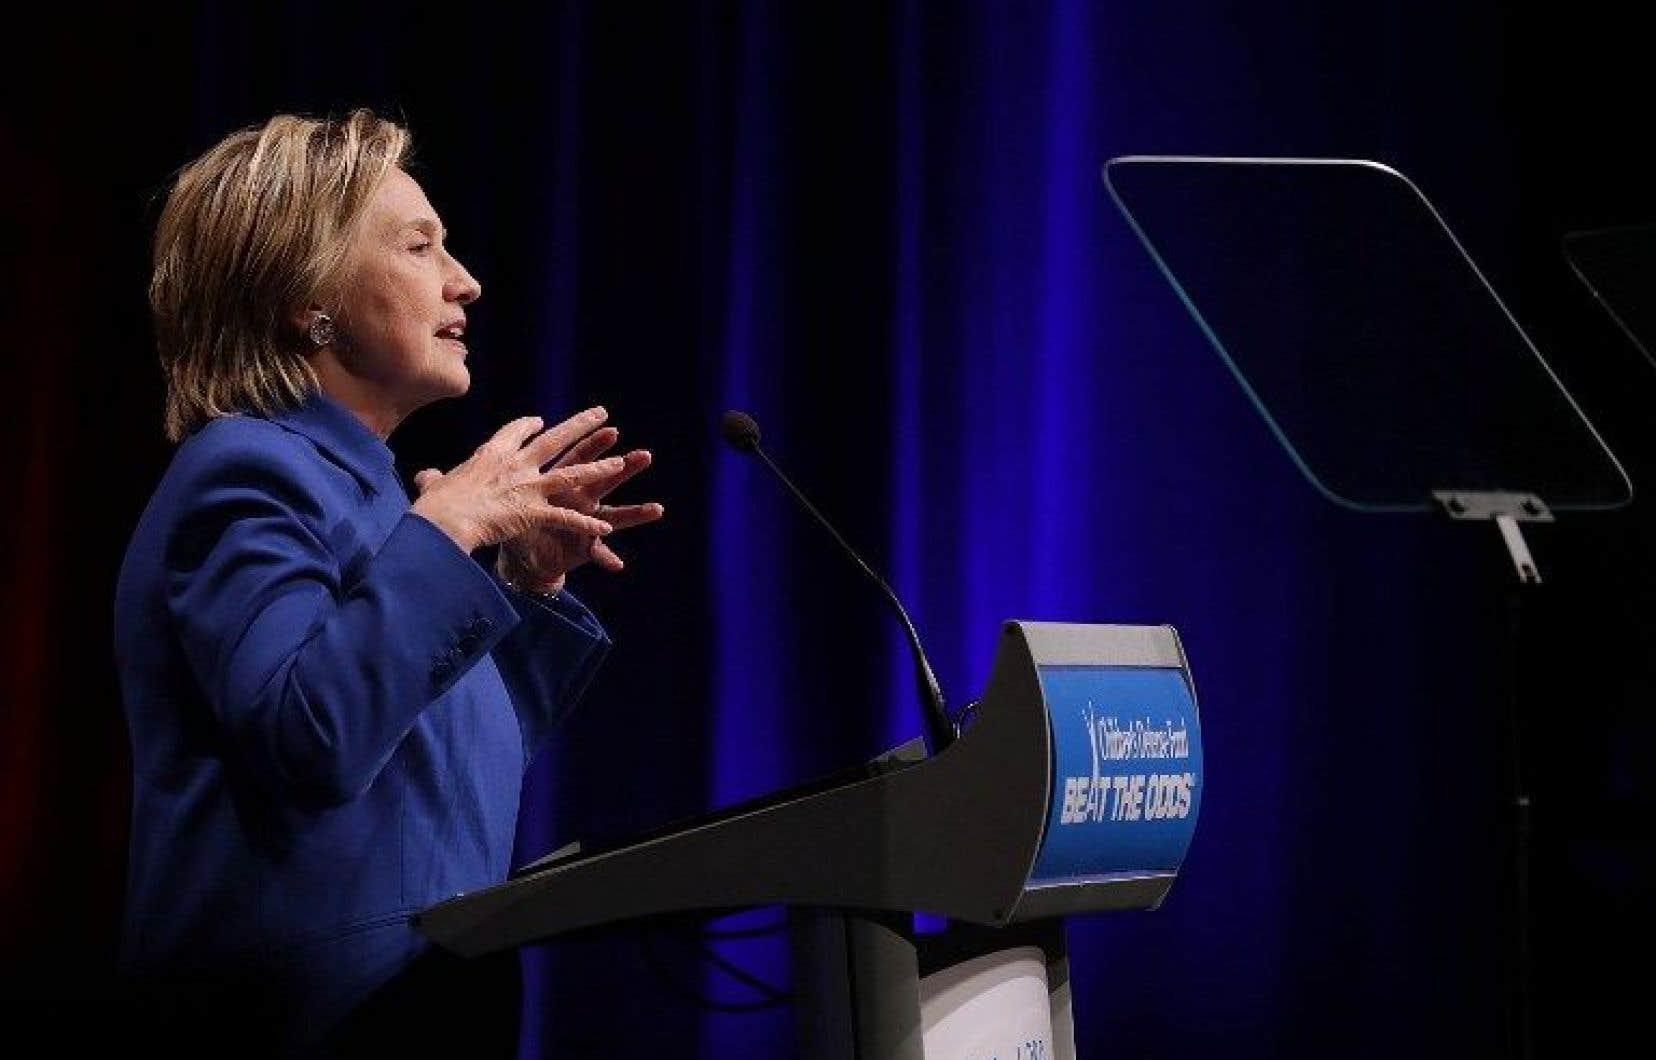 La candidate américaine battue à la présidentielle, Hillary Clinton